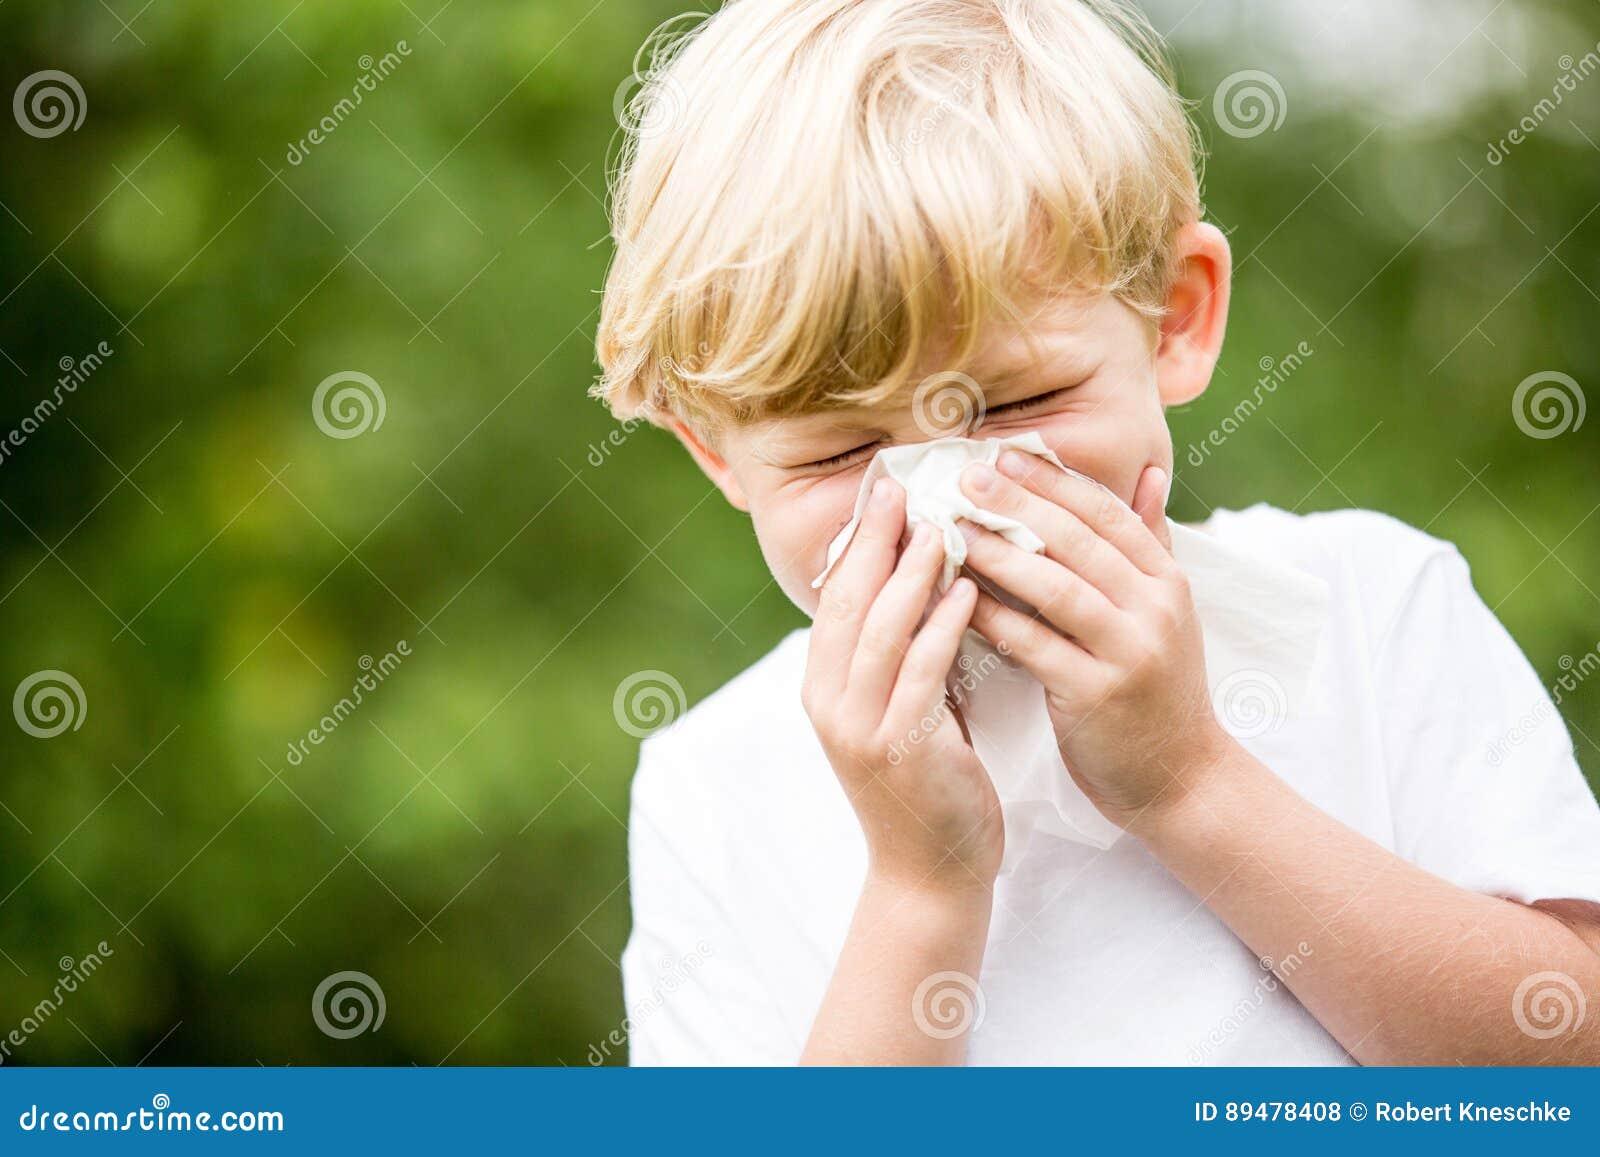 Enfant avec un éternuement froid